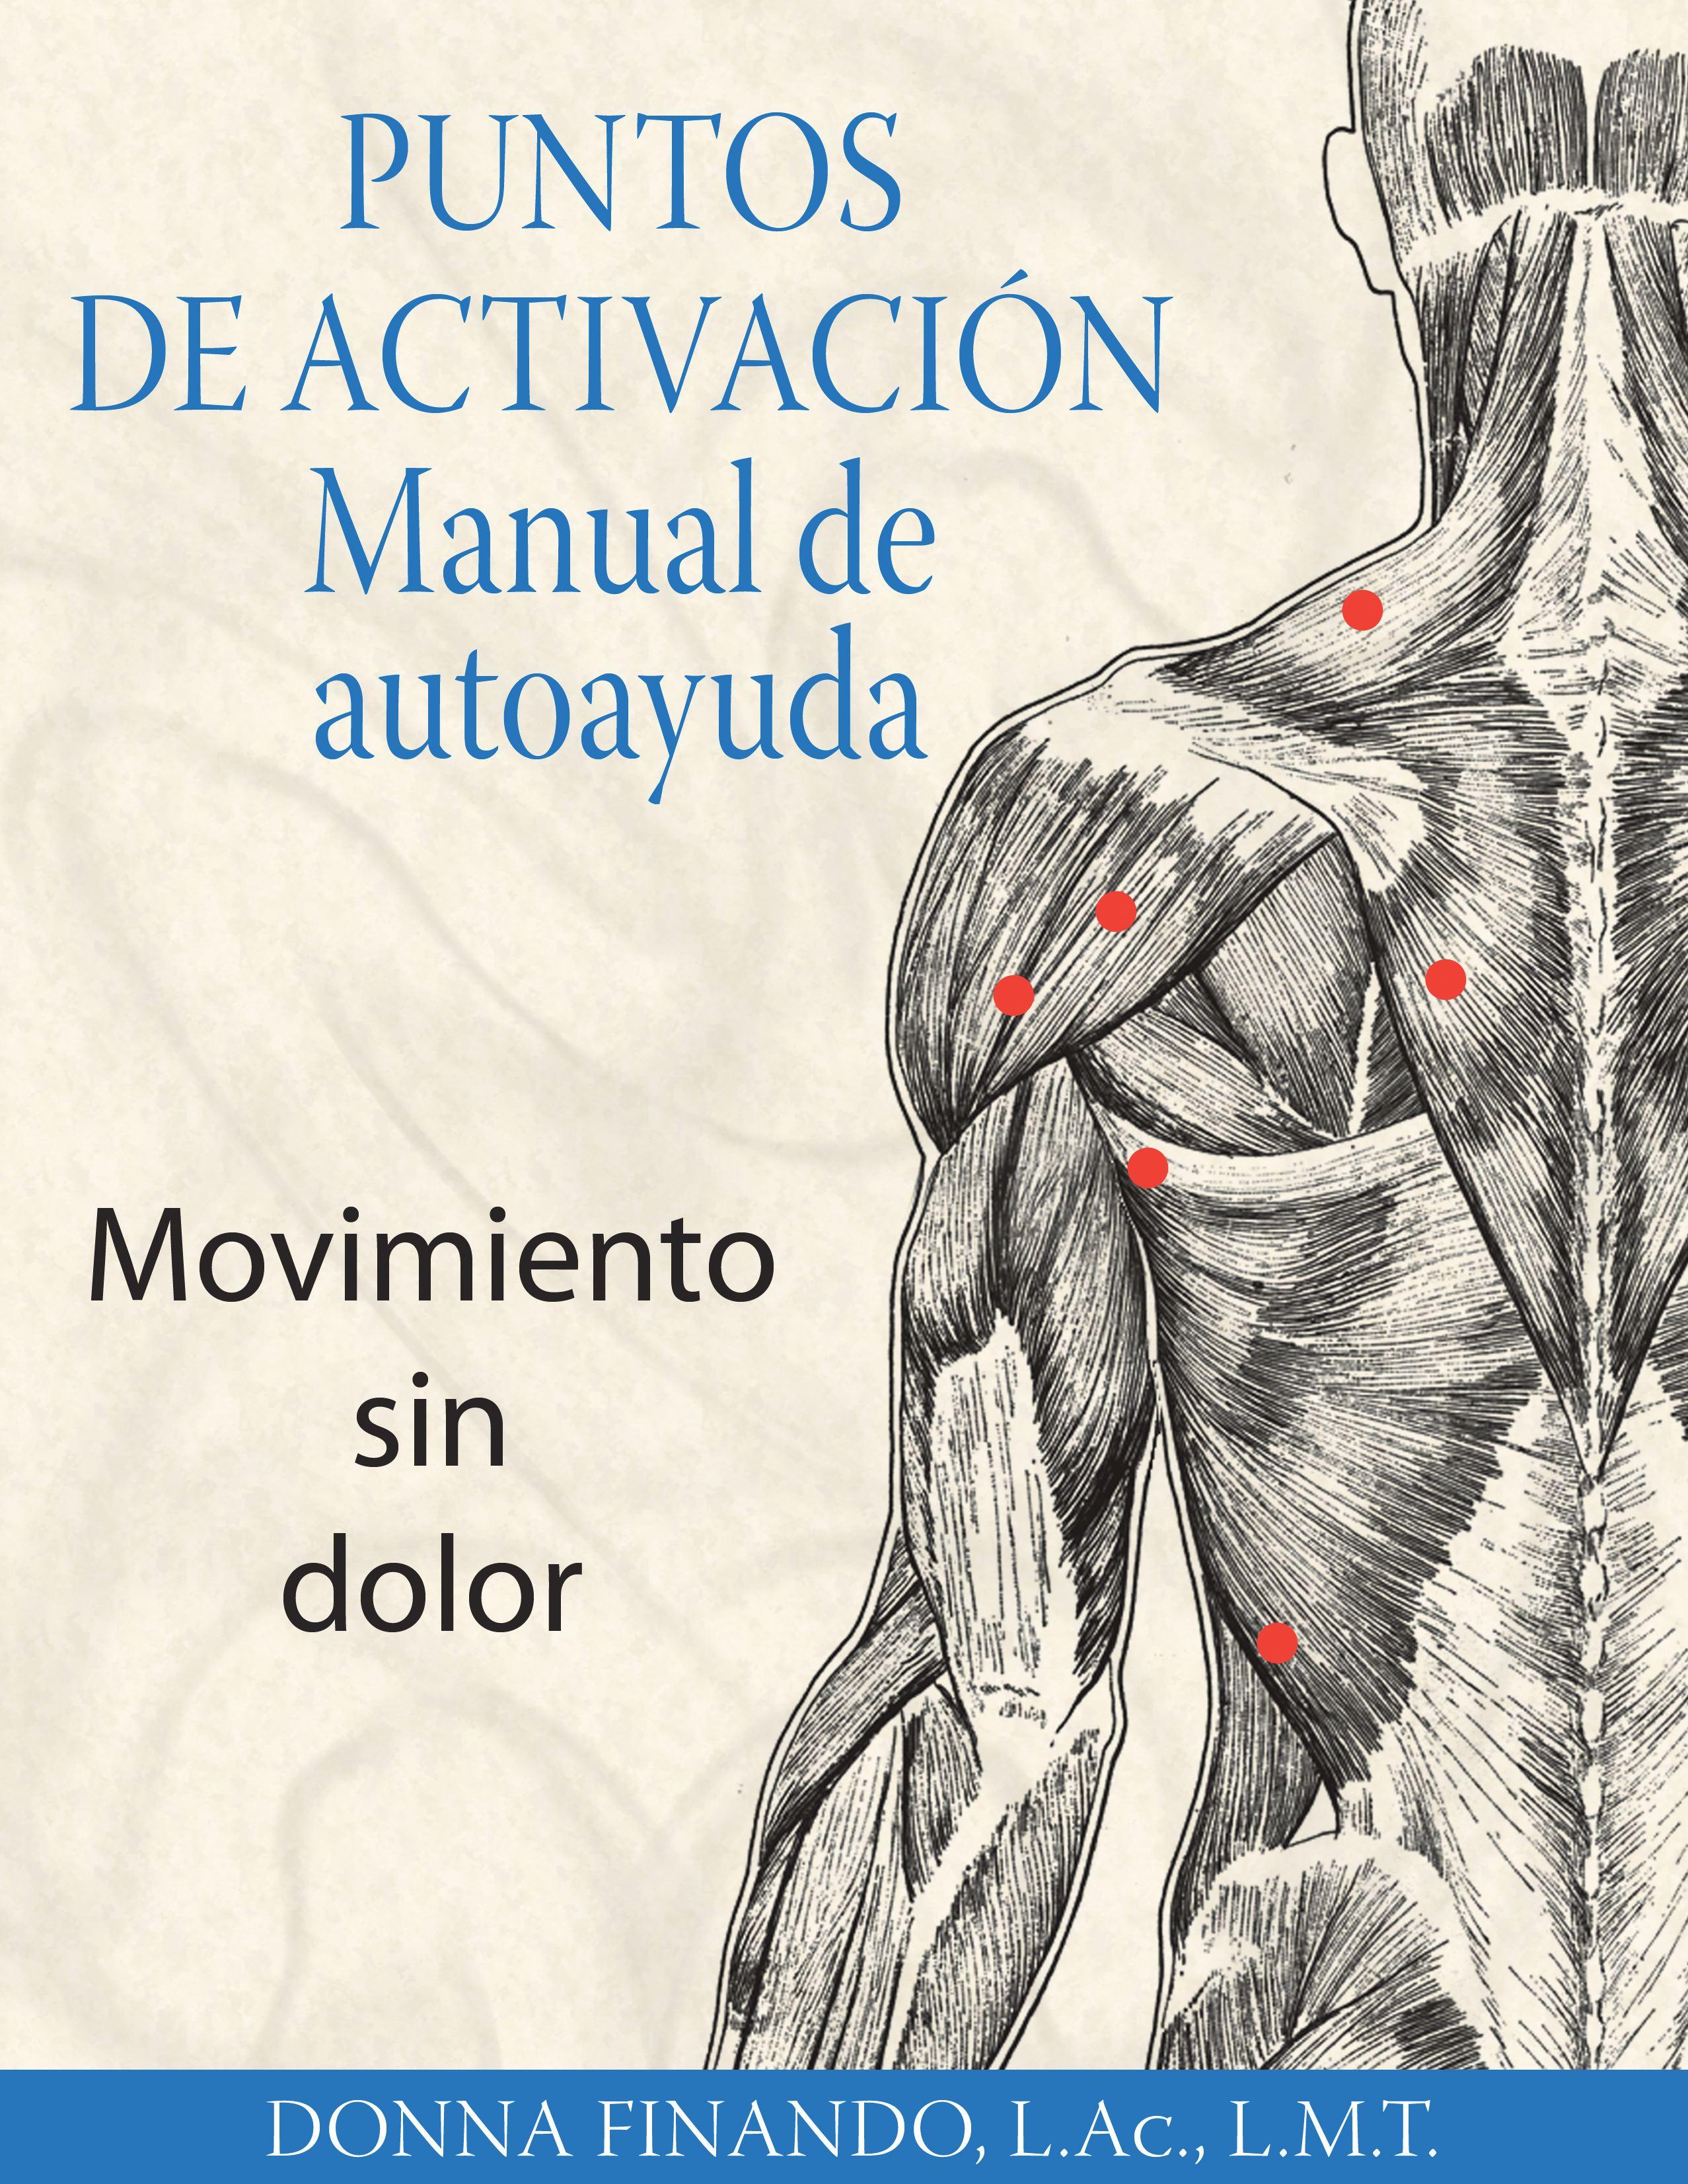 Puntos de activacion manual de autoayuda 9781594772801 hr